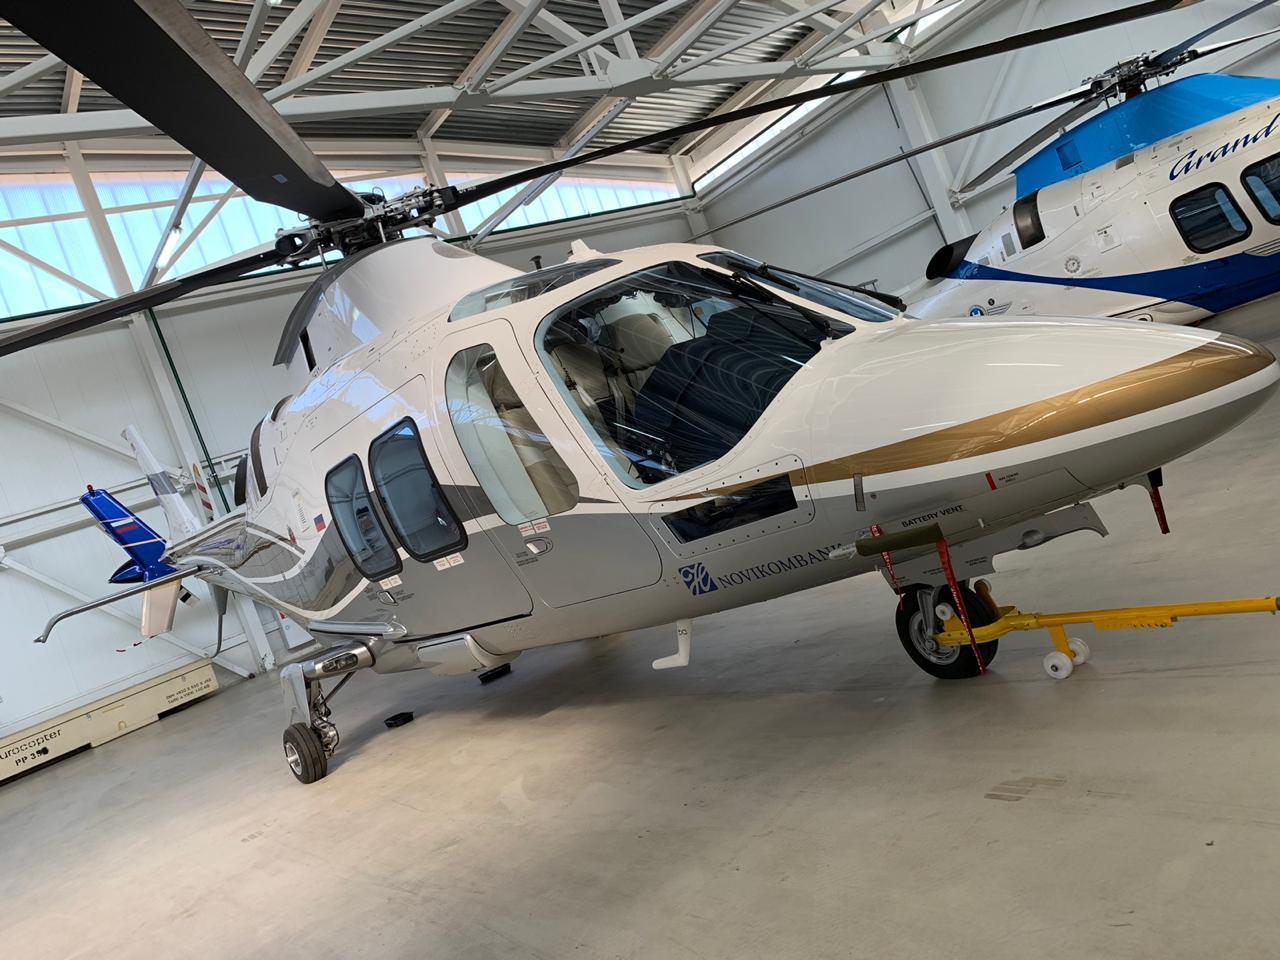 Купить вертолет цена на ресурсные вертолеты AgustaWestland AW109SP